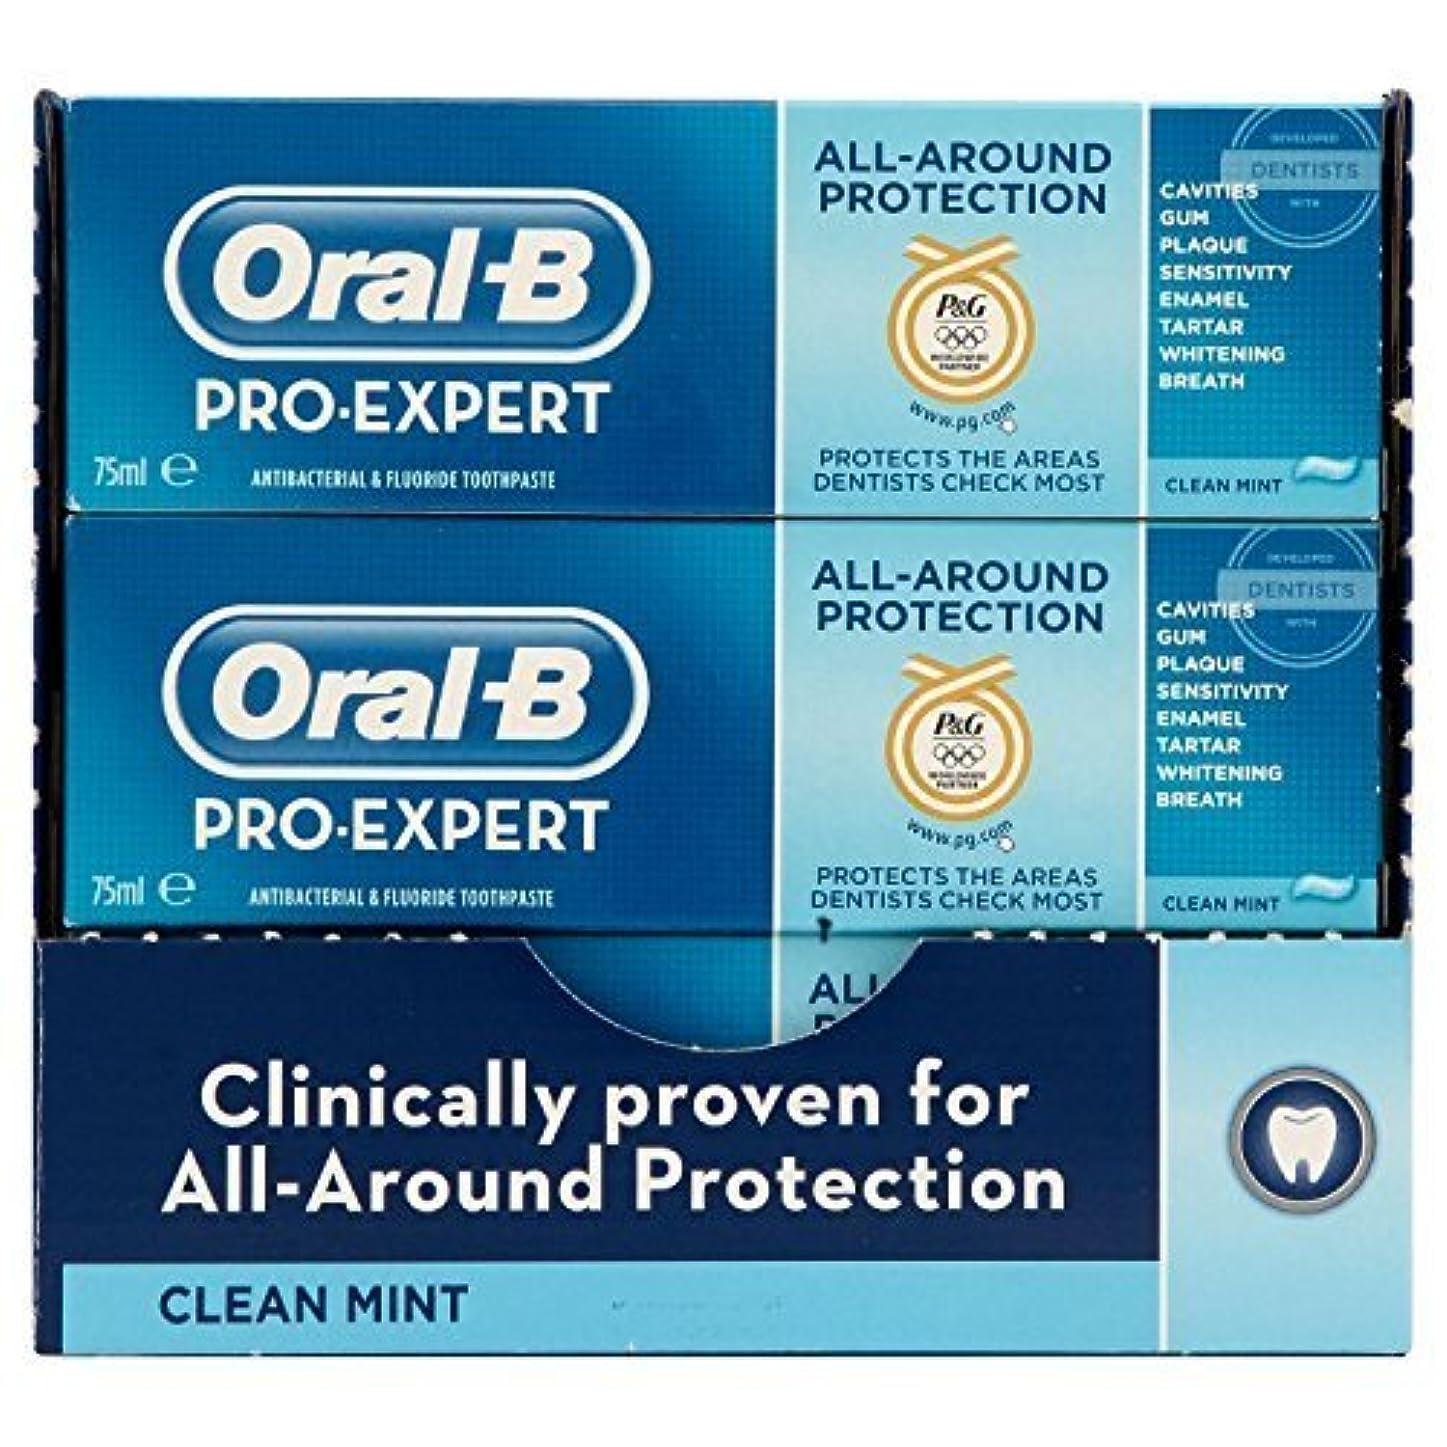 収入権限技術Oral-B Pro-Expert All-Around Protection Clean Mint Toothpaste 75 ml (Pack of 8) by PG